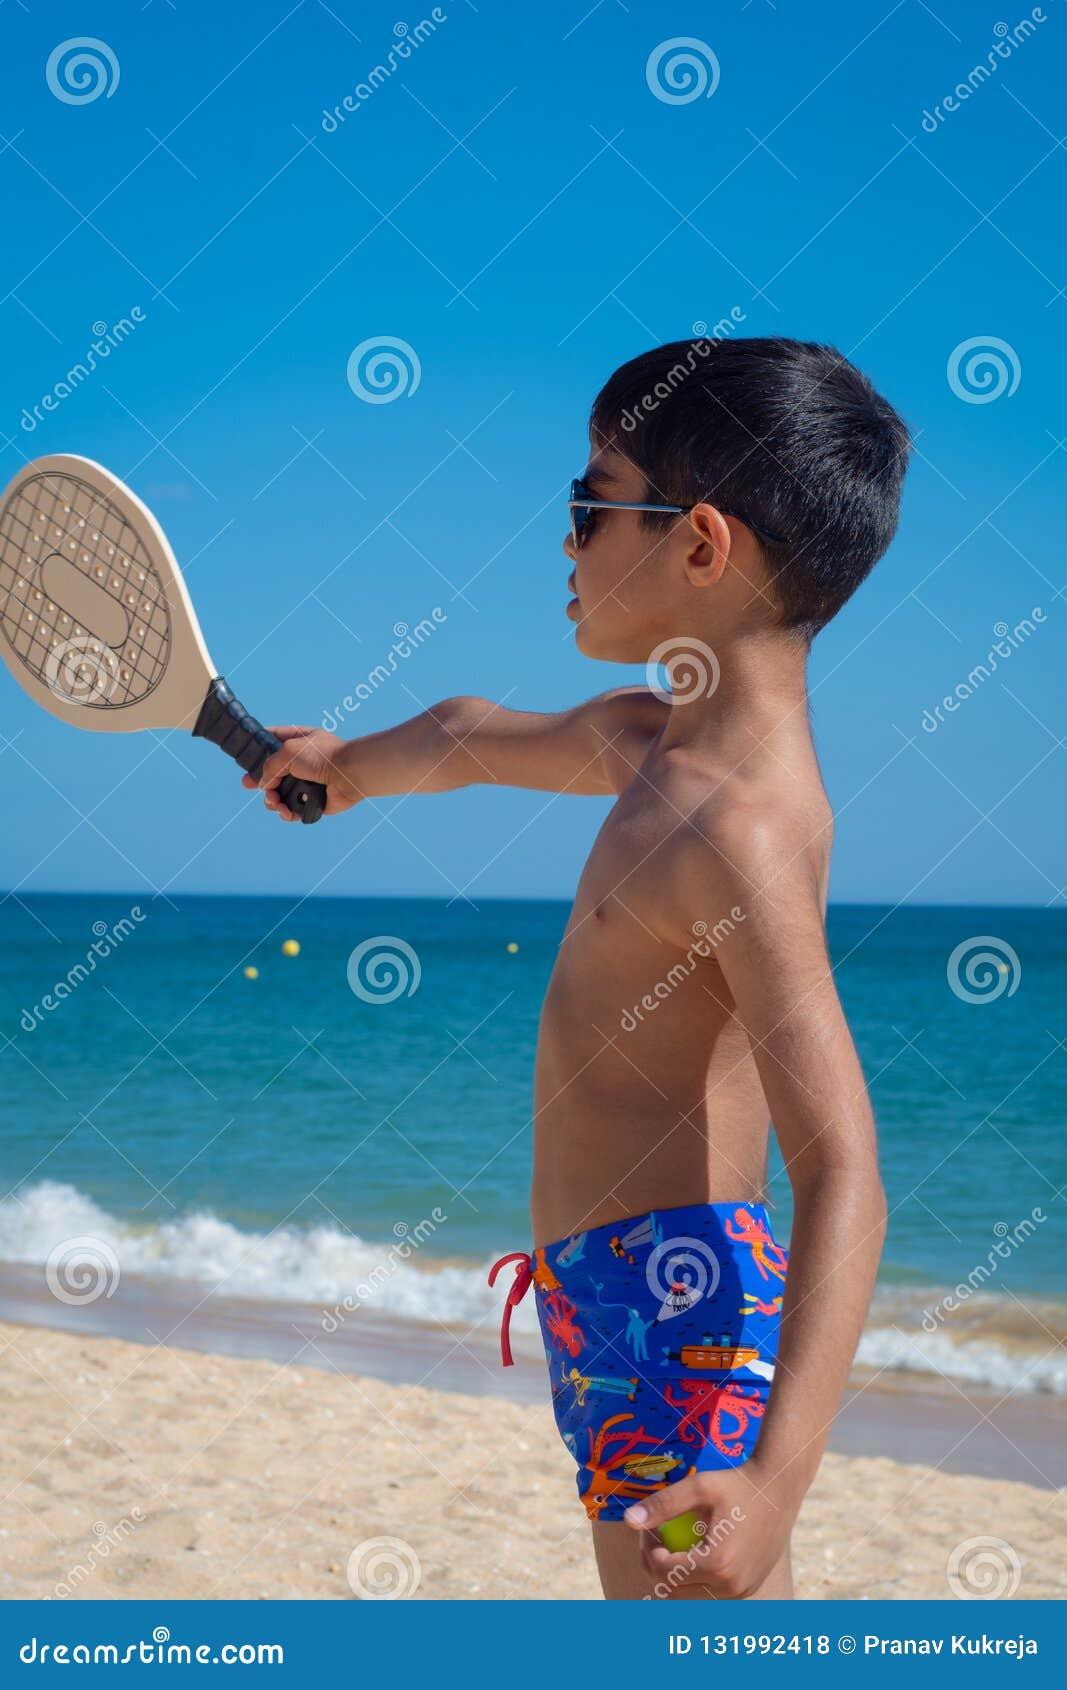 Παιχνίδι αγοριών με τη ρακέτα σε μια παραλία στις διακοπές